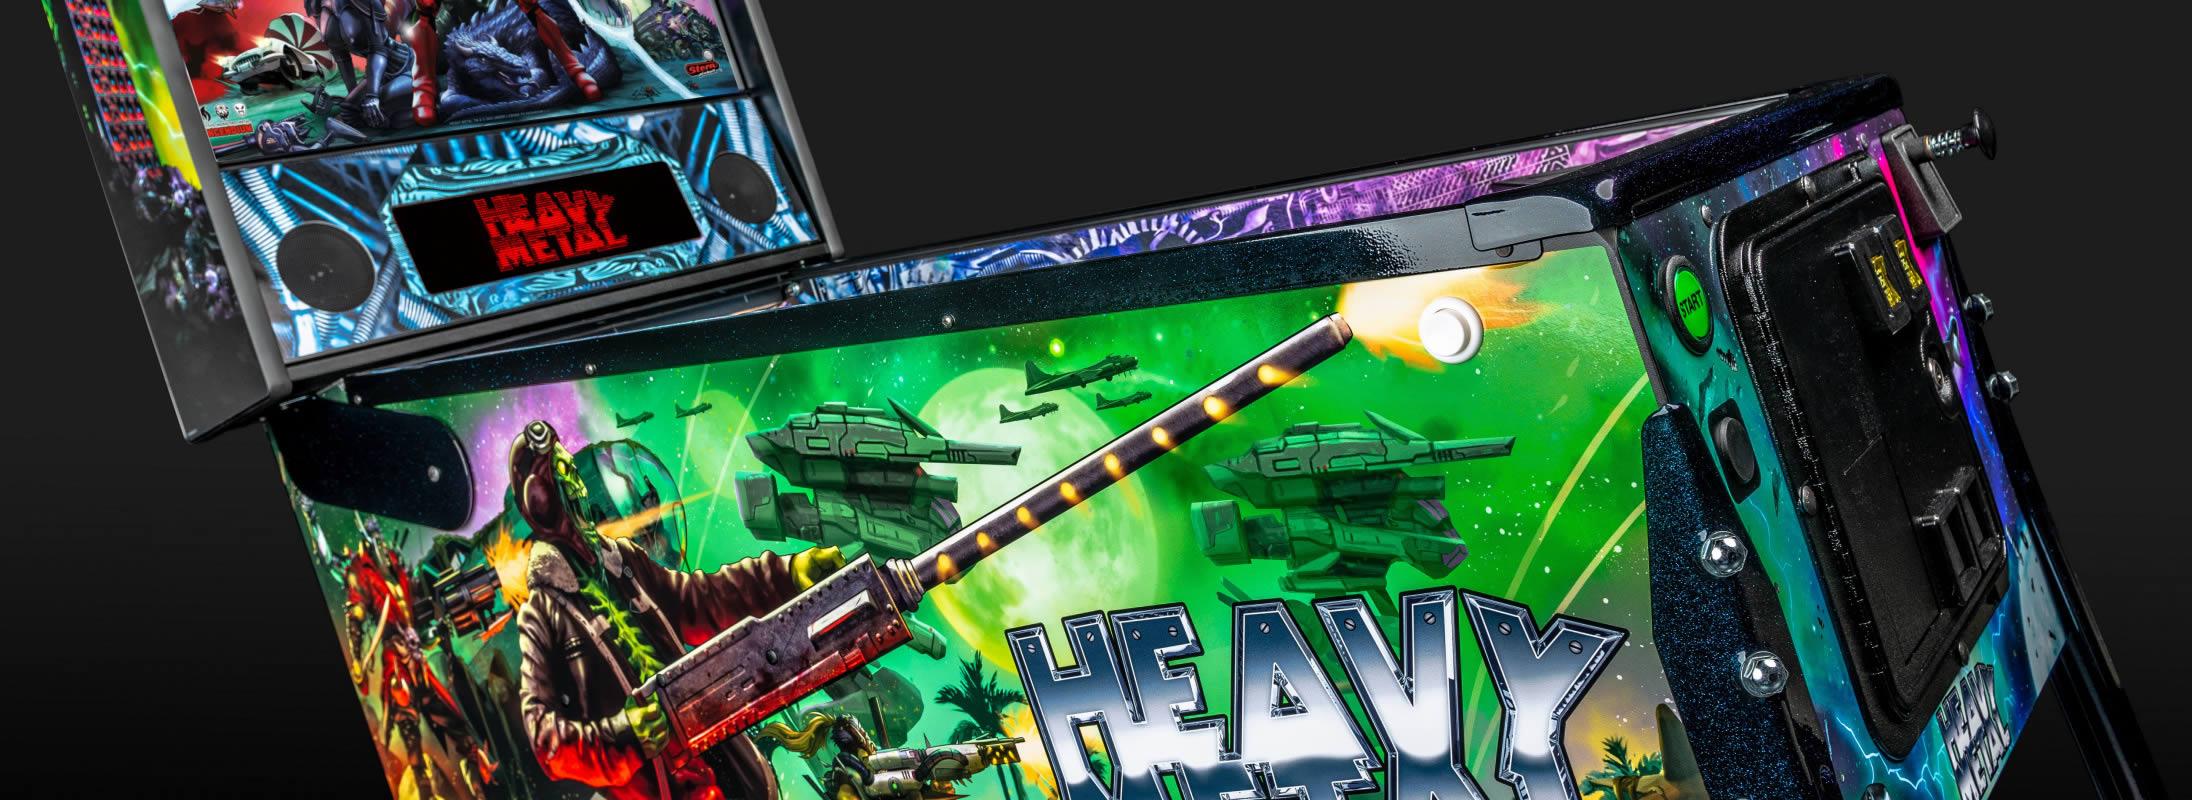 Heavy Metal Pinball Machine